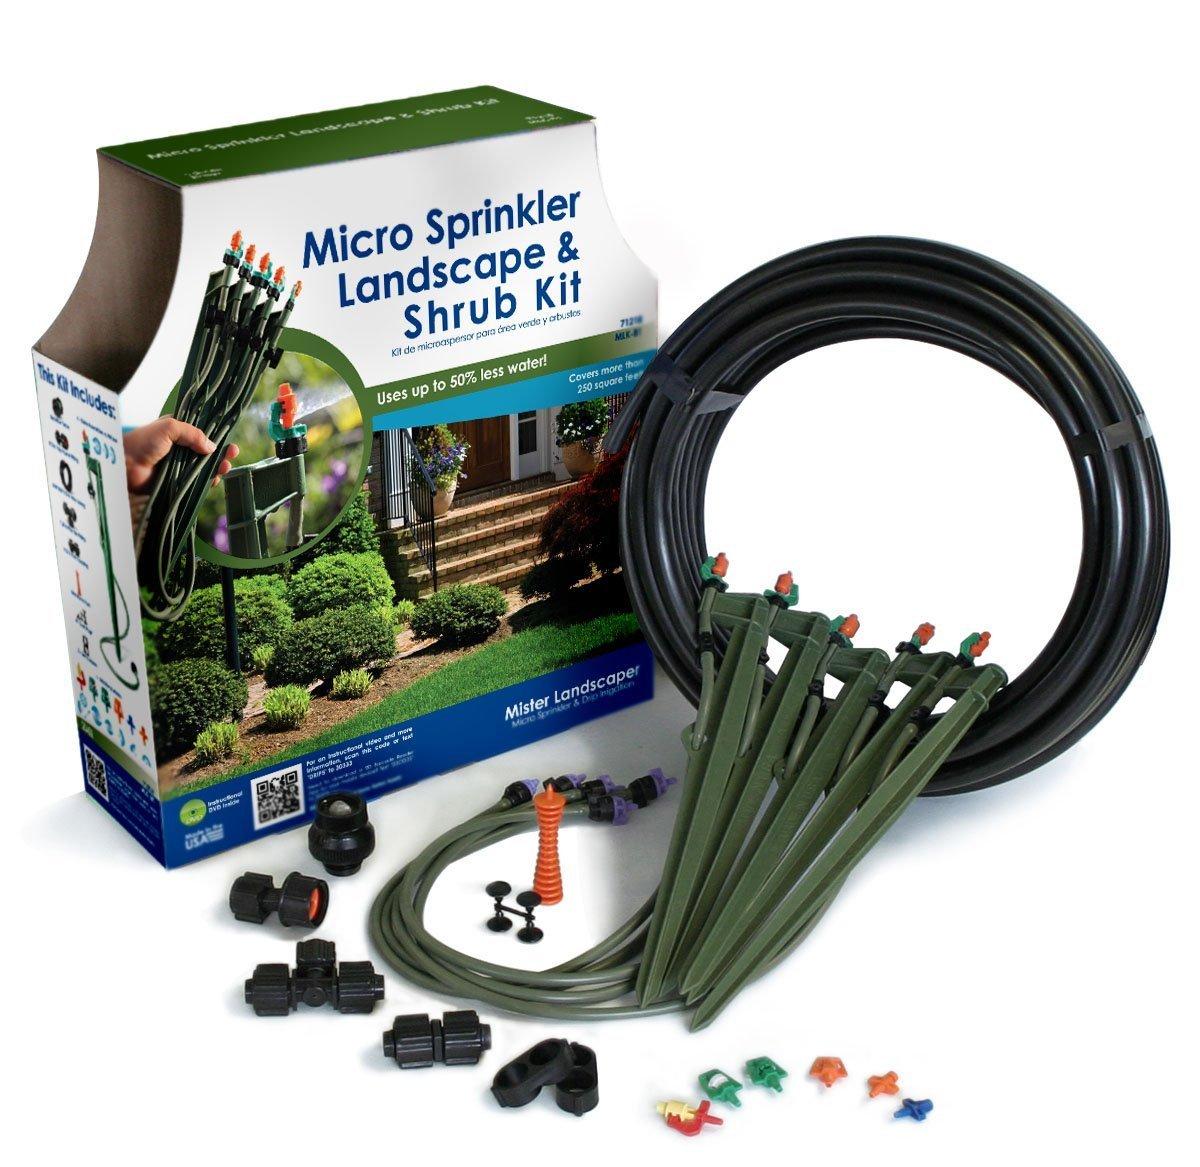 Mister Landscaper MLK-81 Micro Sprinkler Landscape & Shrub Drip Kit